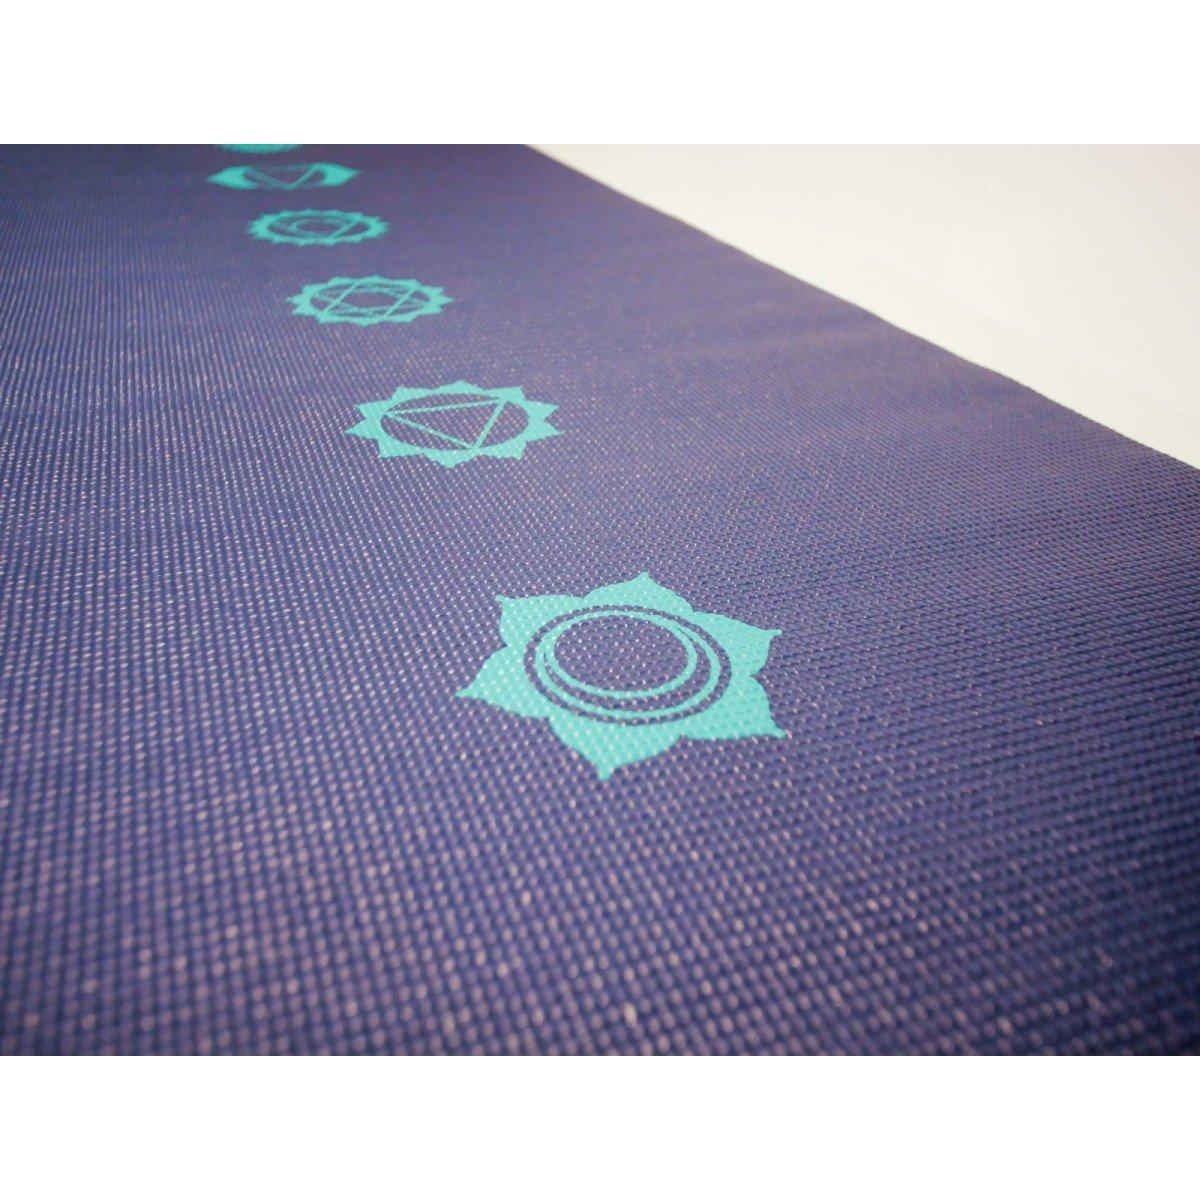 Йога коврик для мужчин